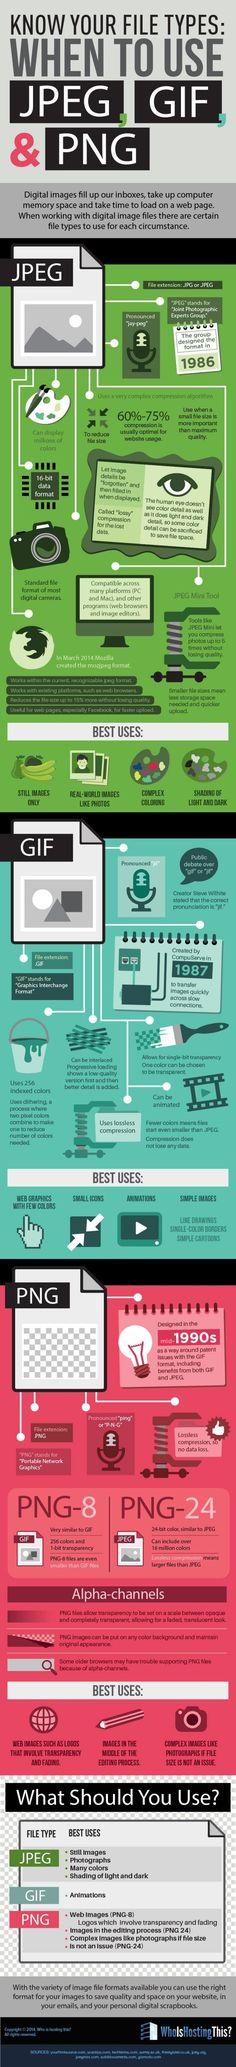 Una detallada infografía para conocer las características y principales usos de las imágenes en los formatos JPEG o JPG, PNG y GIF.